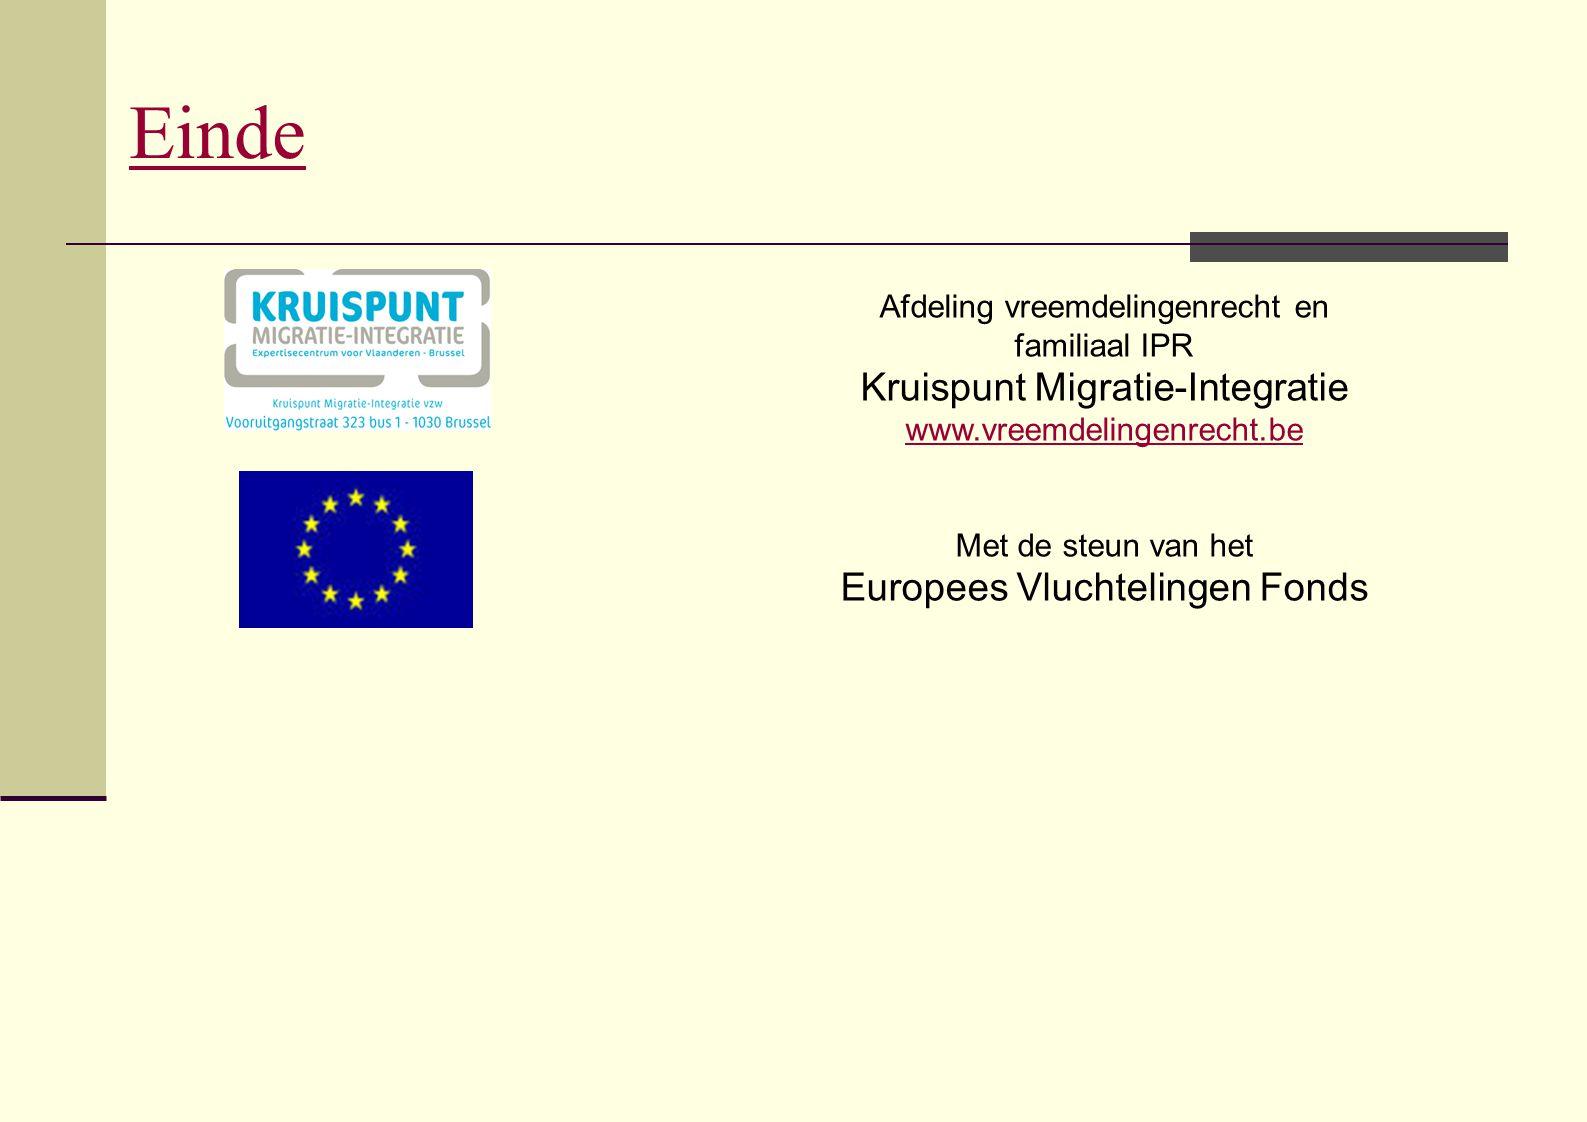 Einde Afdeling vreemdelingenrecht en familiaal IPR Kruispunt Migratie-Integratie www.vreemdelingenrecht.be Met de steun van het Europees Vluchtelingen